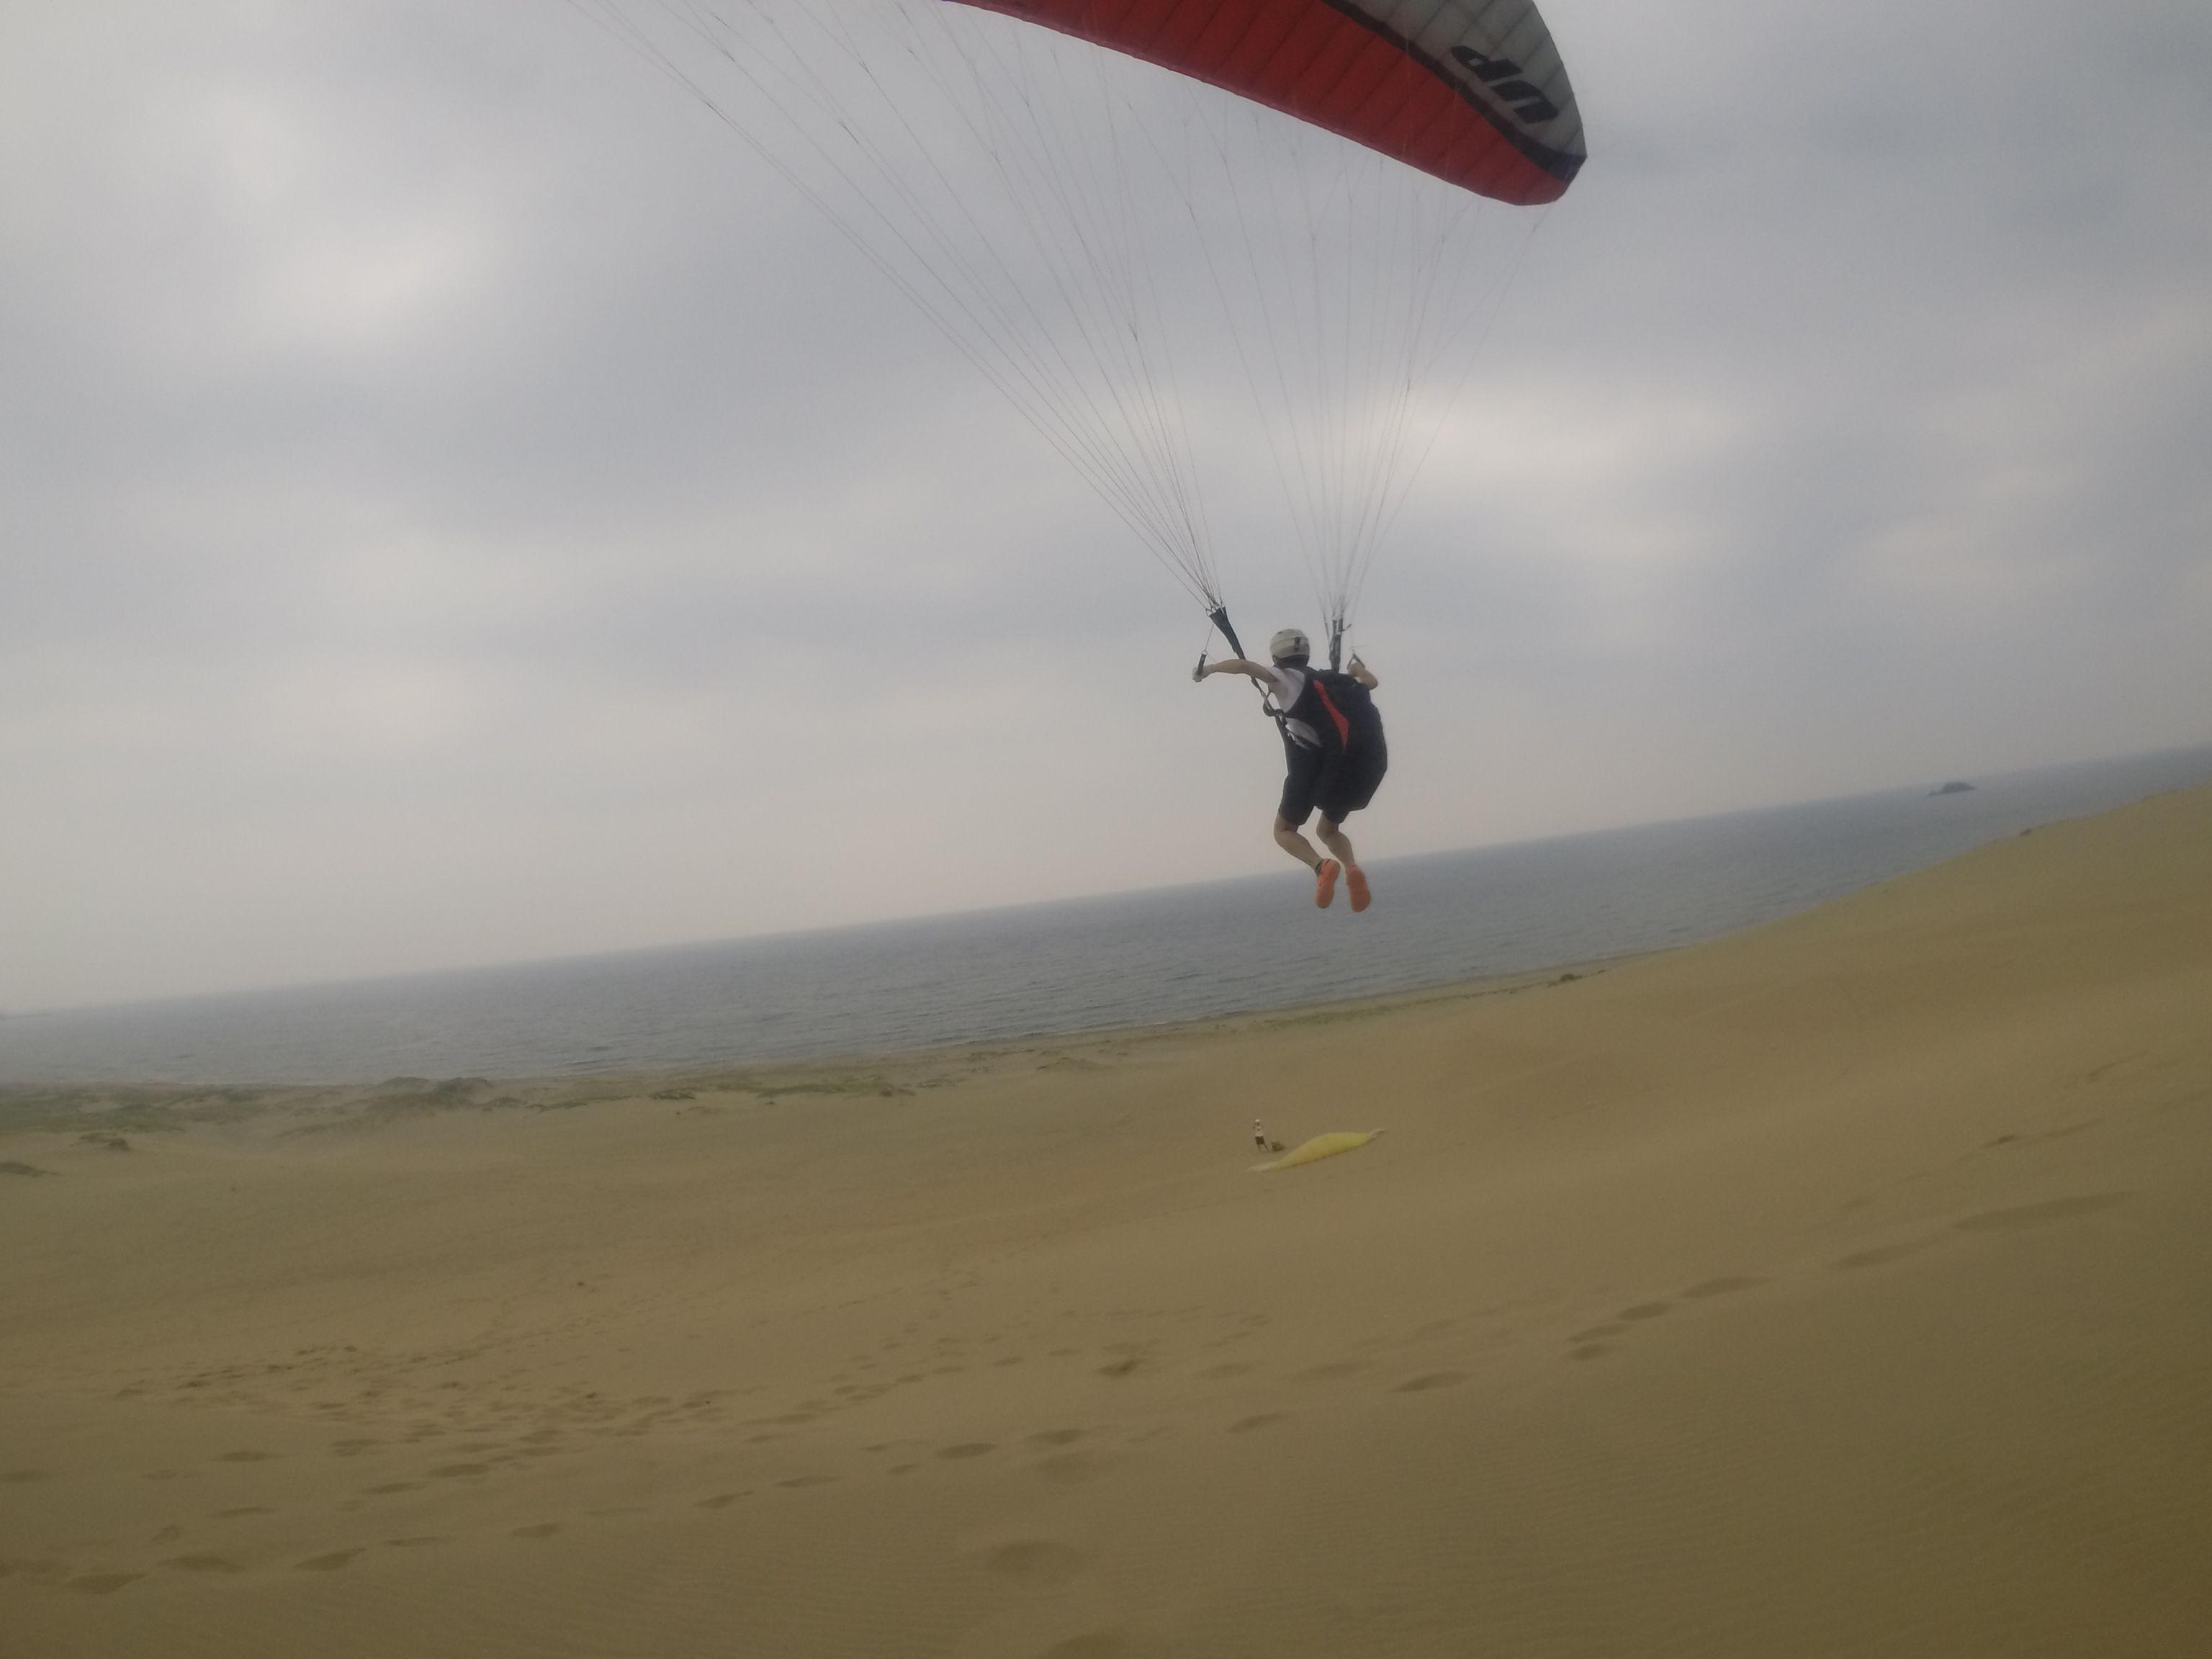 日本海に向かって気持ちよく飛ぶ